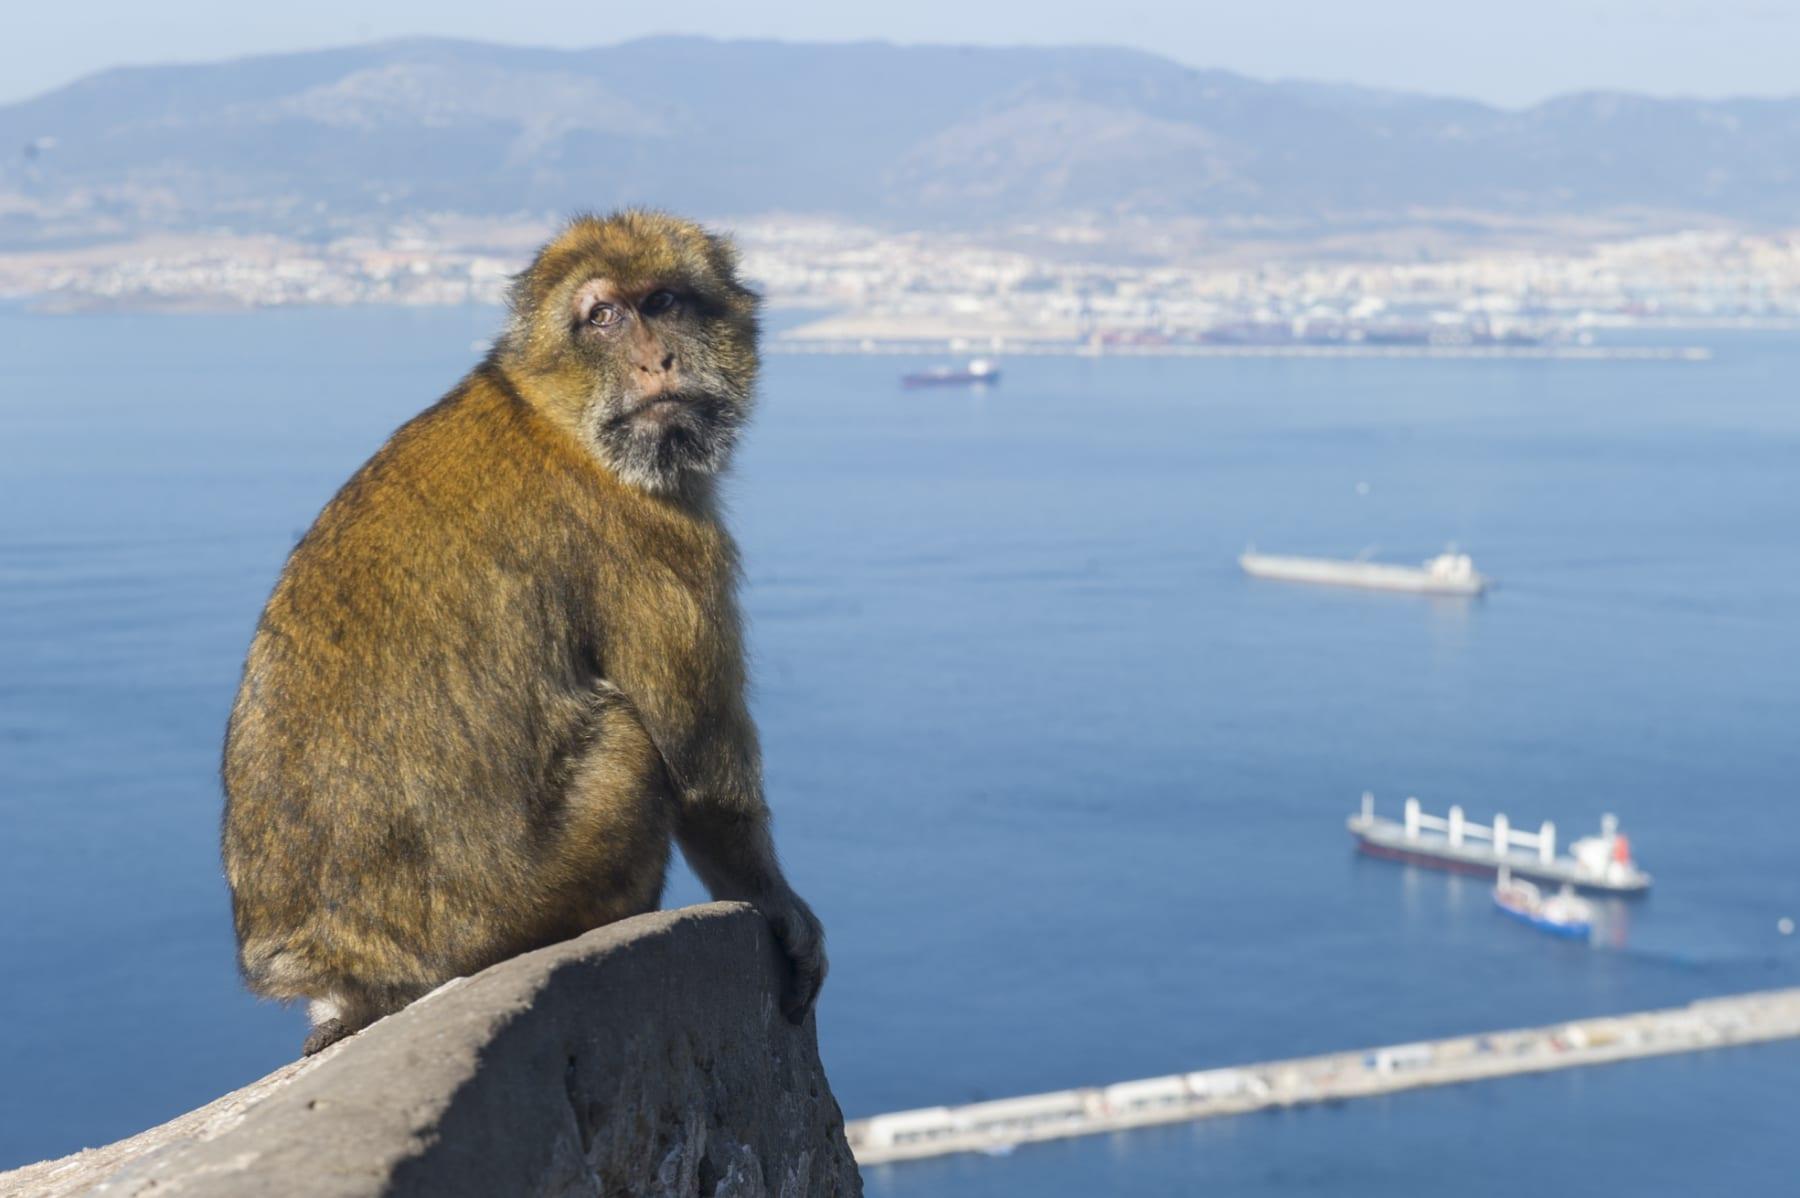 turismo-en-gibraltar-092015-237_22745326245_o